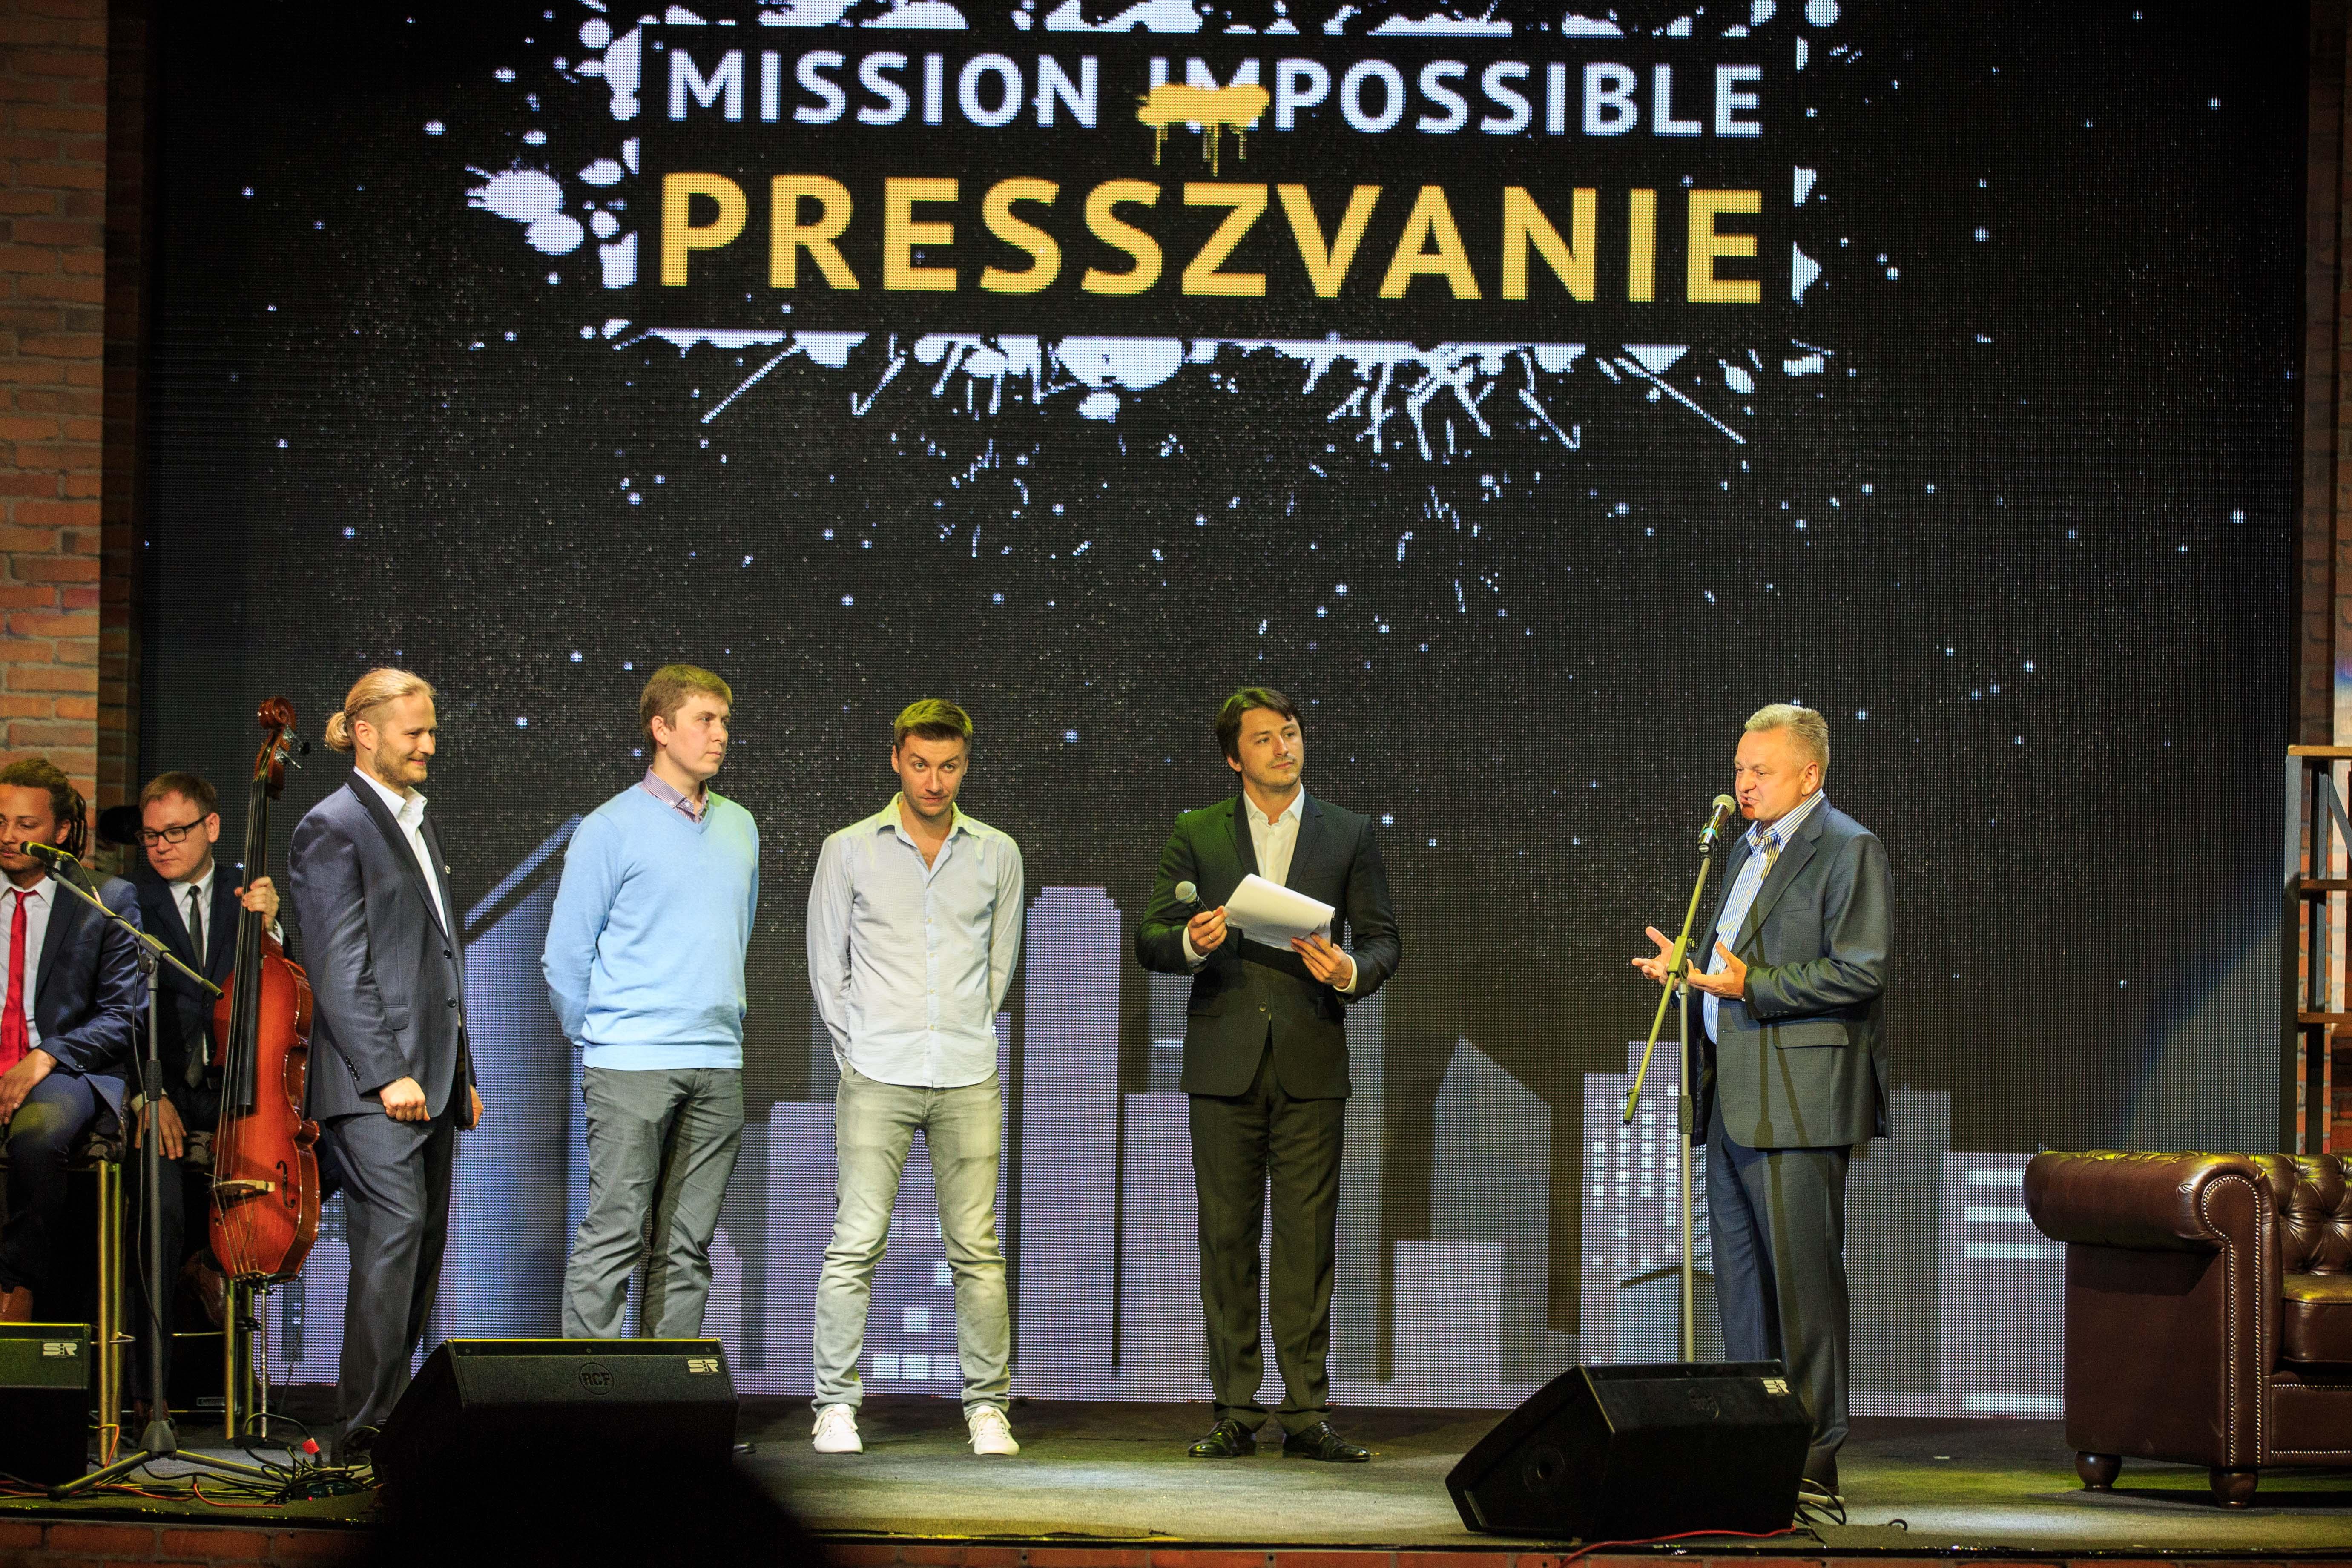 Озвучені імена переможців 11-го конкурсу PRESSZVANIE - фото 1